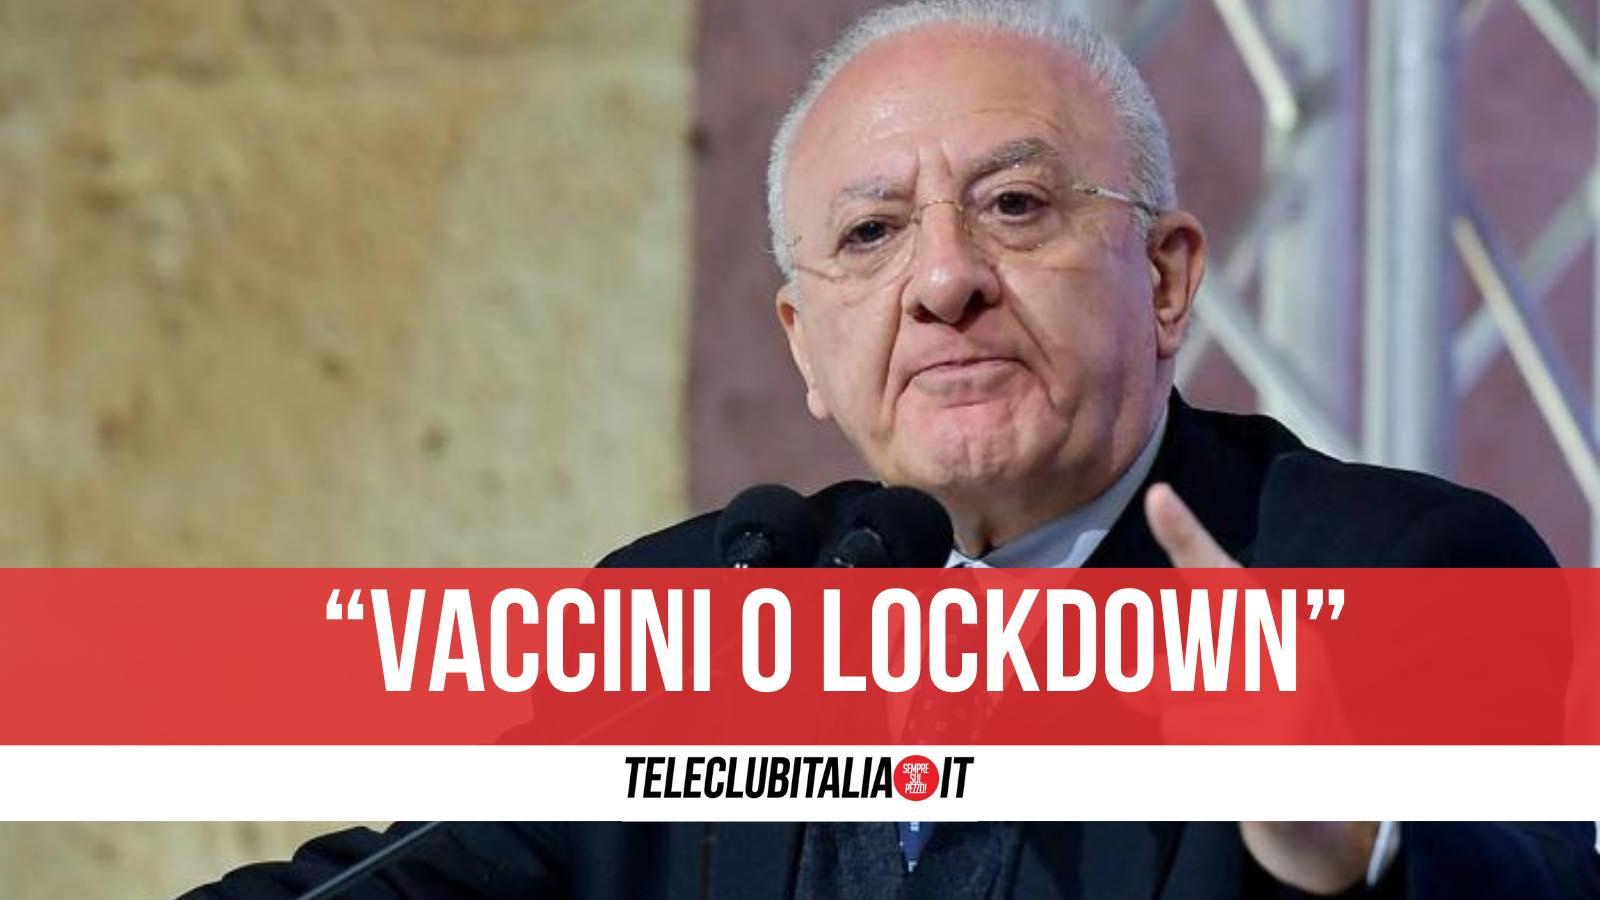 de luca lockdown